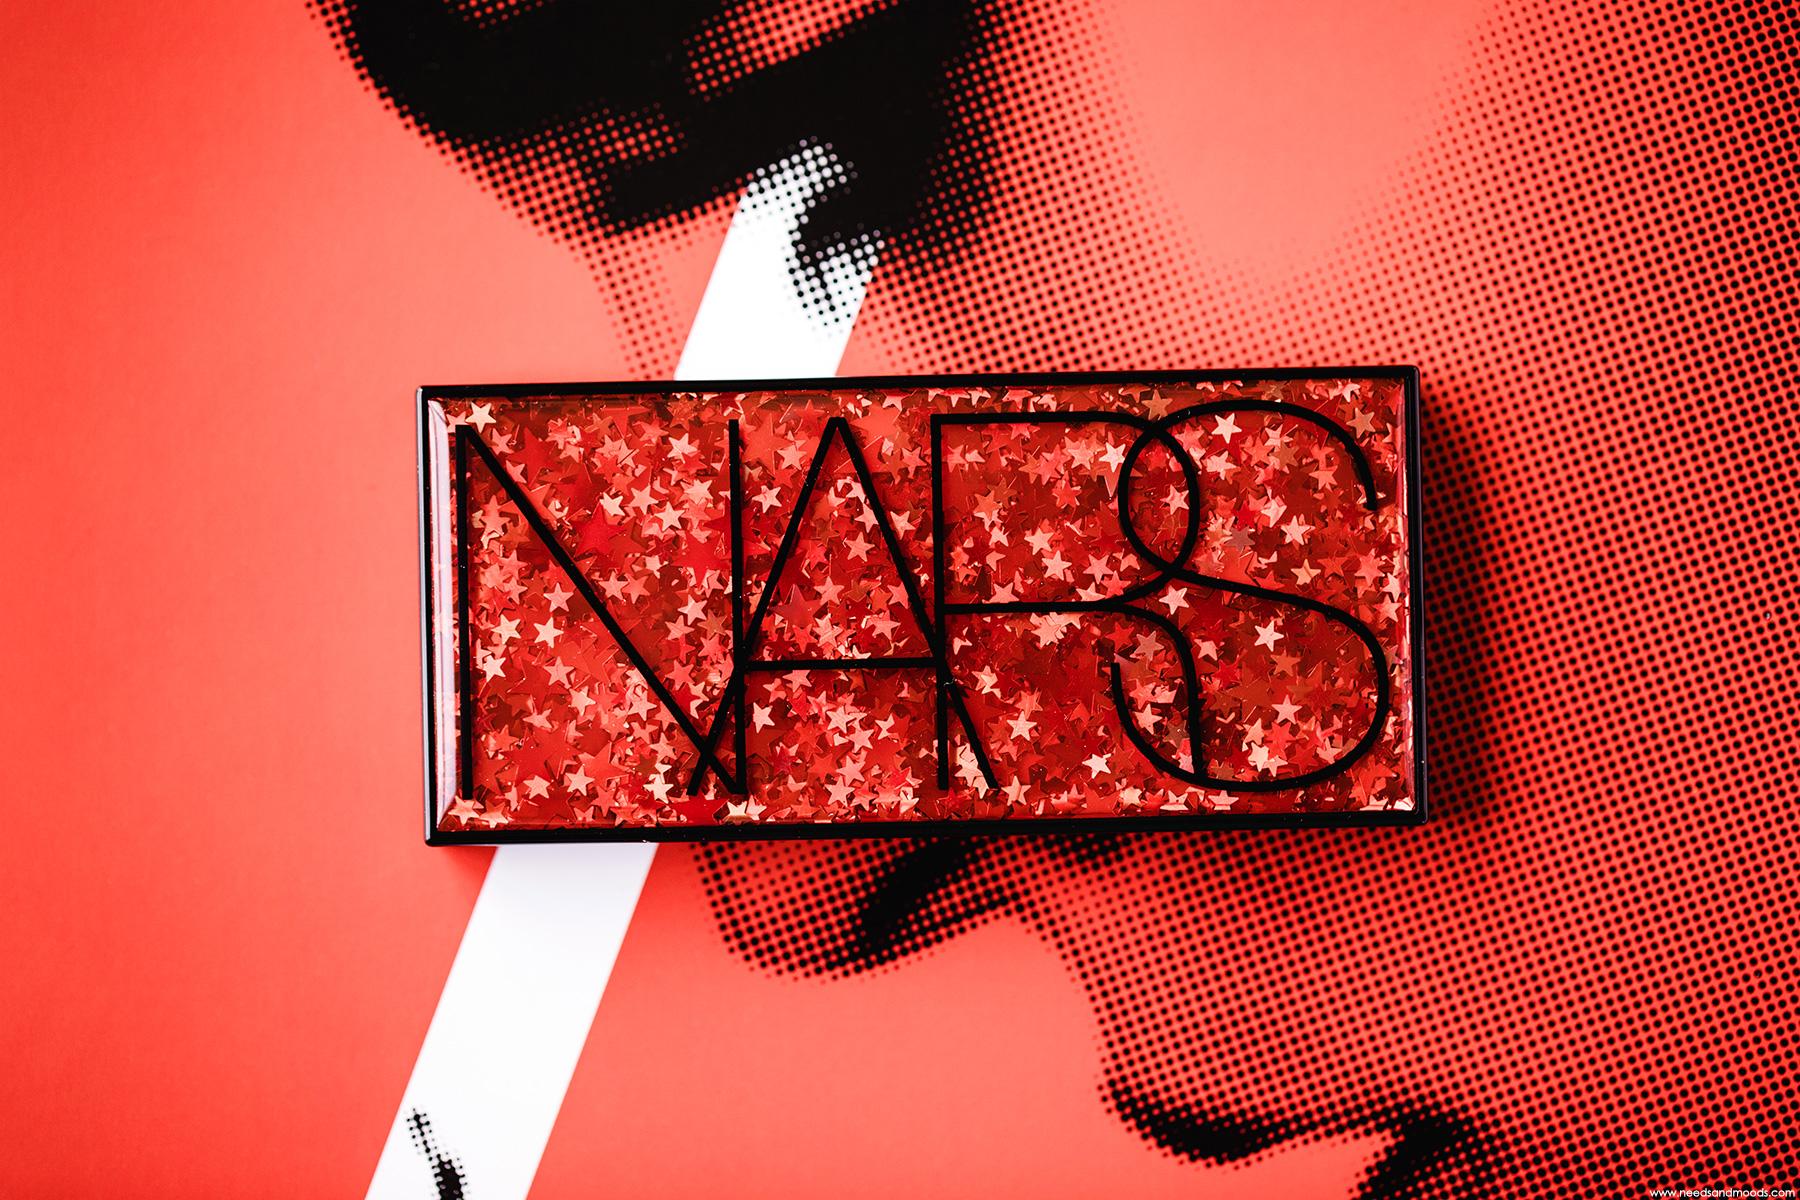 nars studio 54 star scene cheek palette